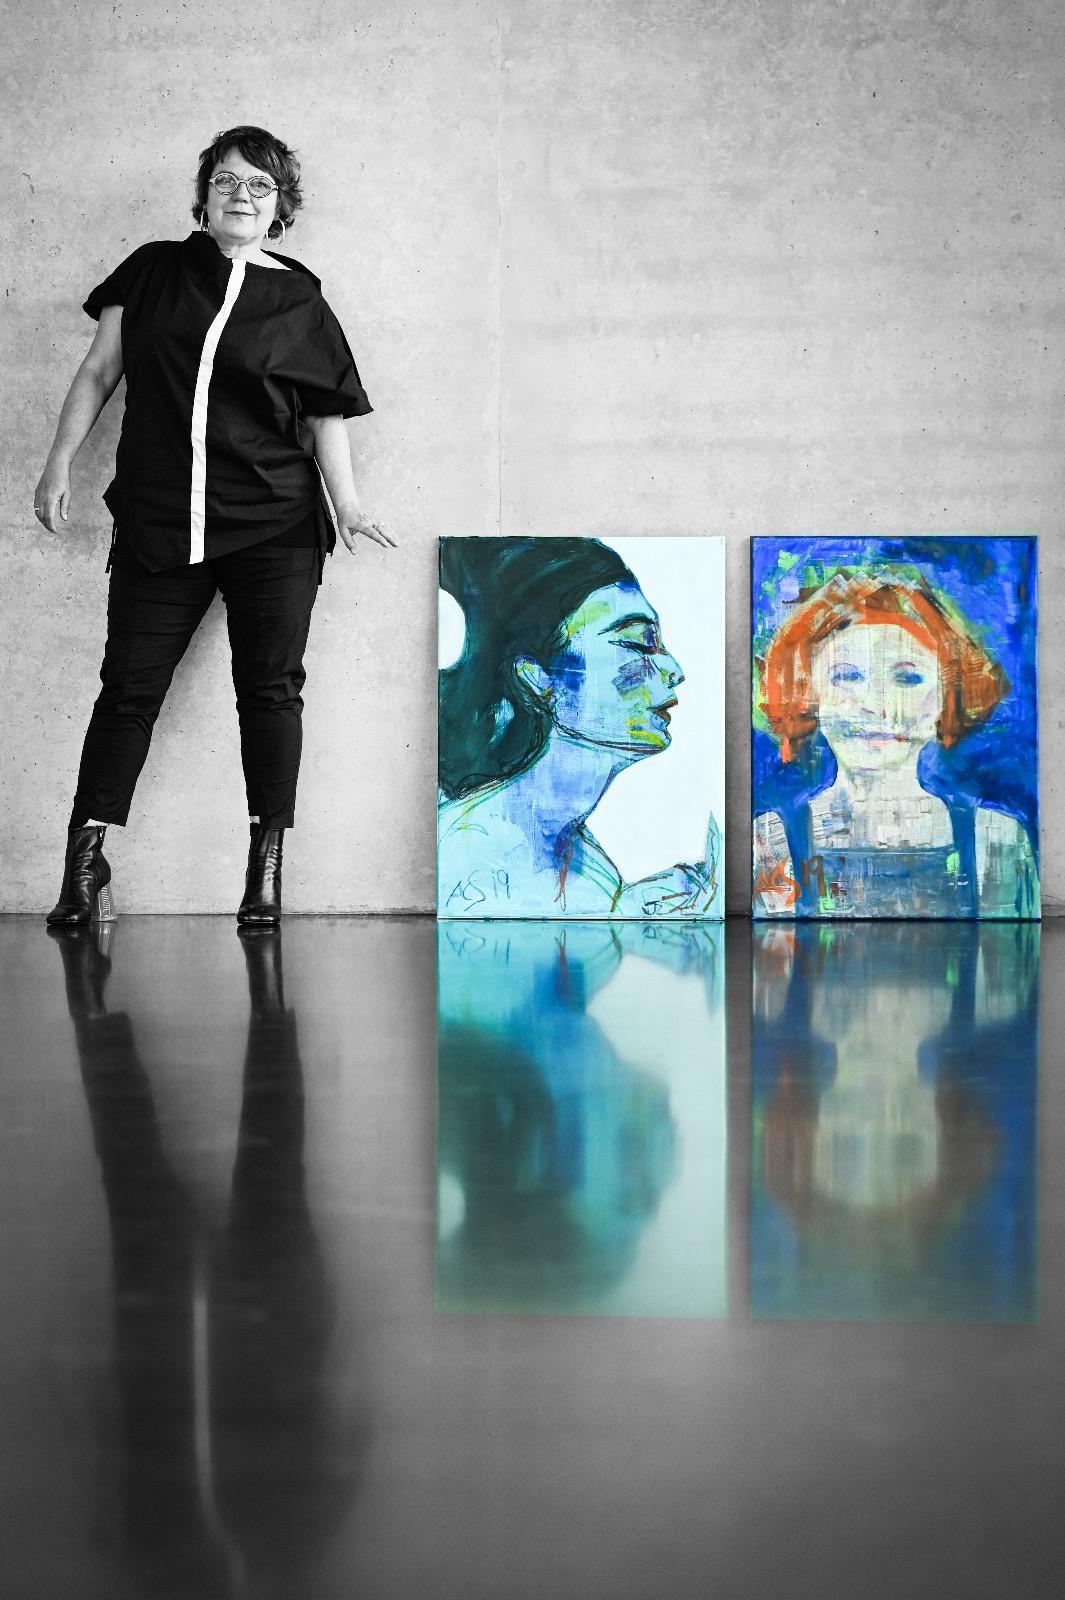 Künstlerin Anne-Claire Schroeder-Rose